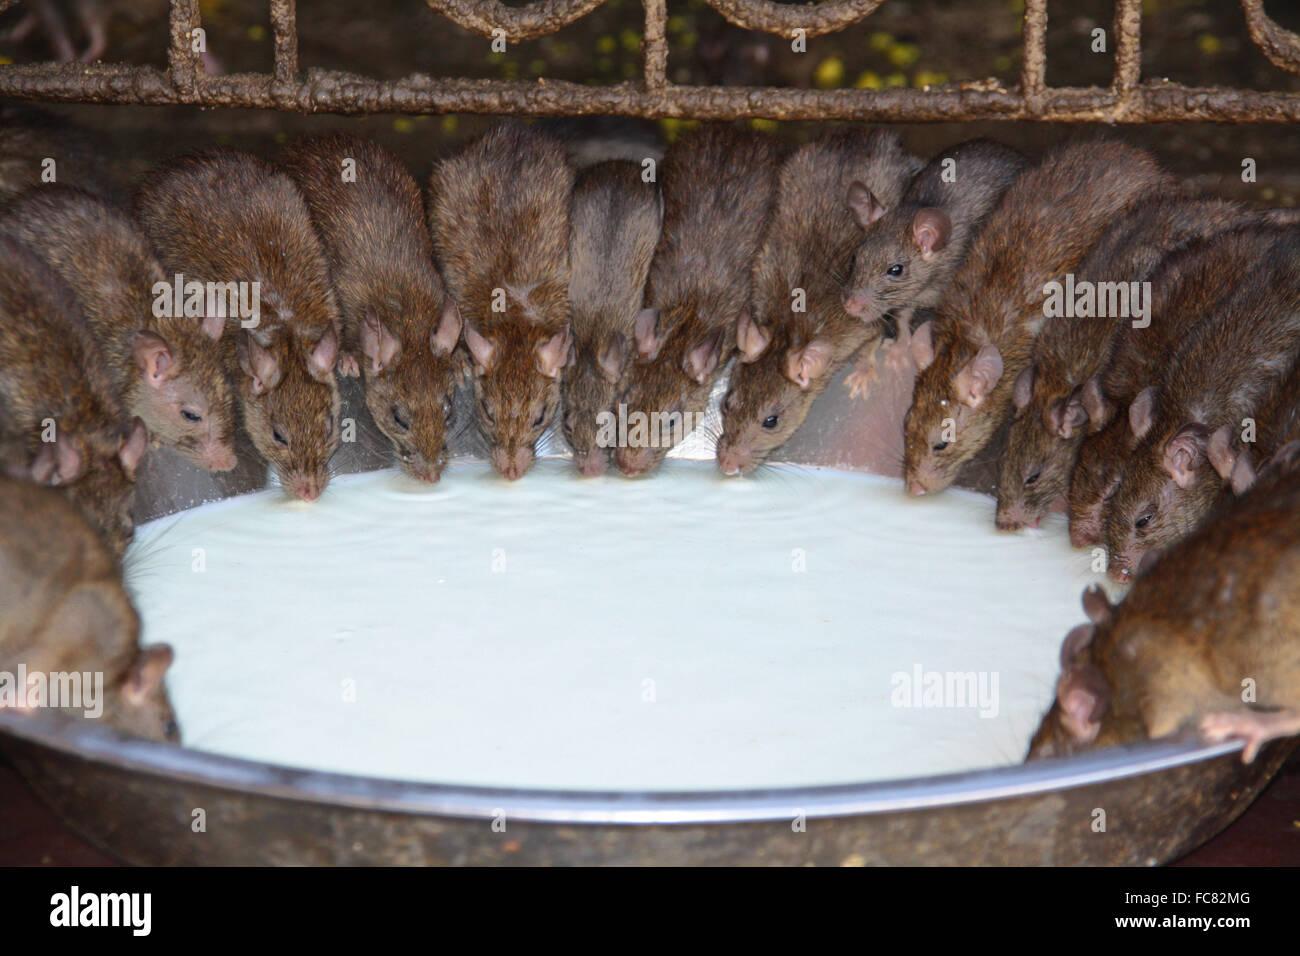 Ratten Stockbild